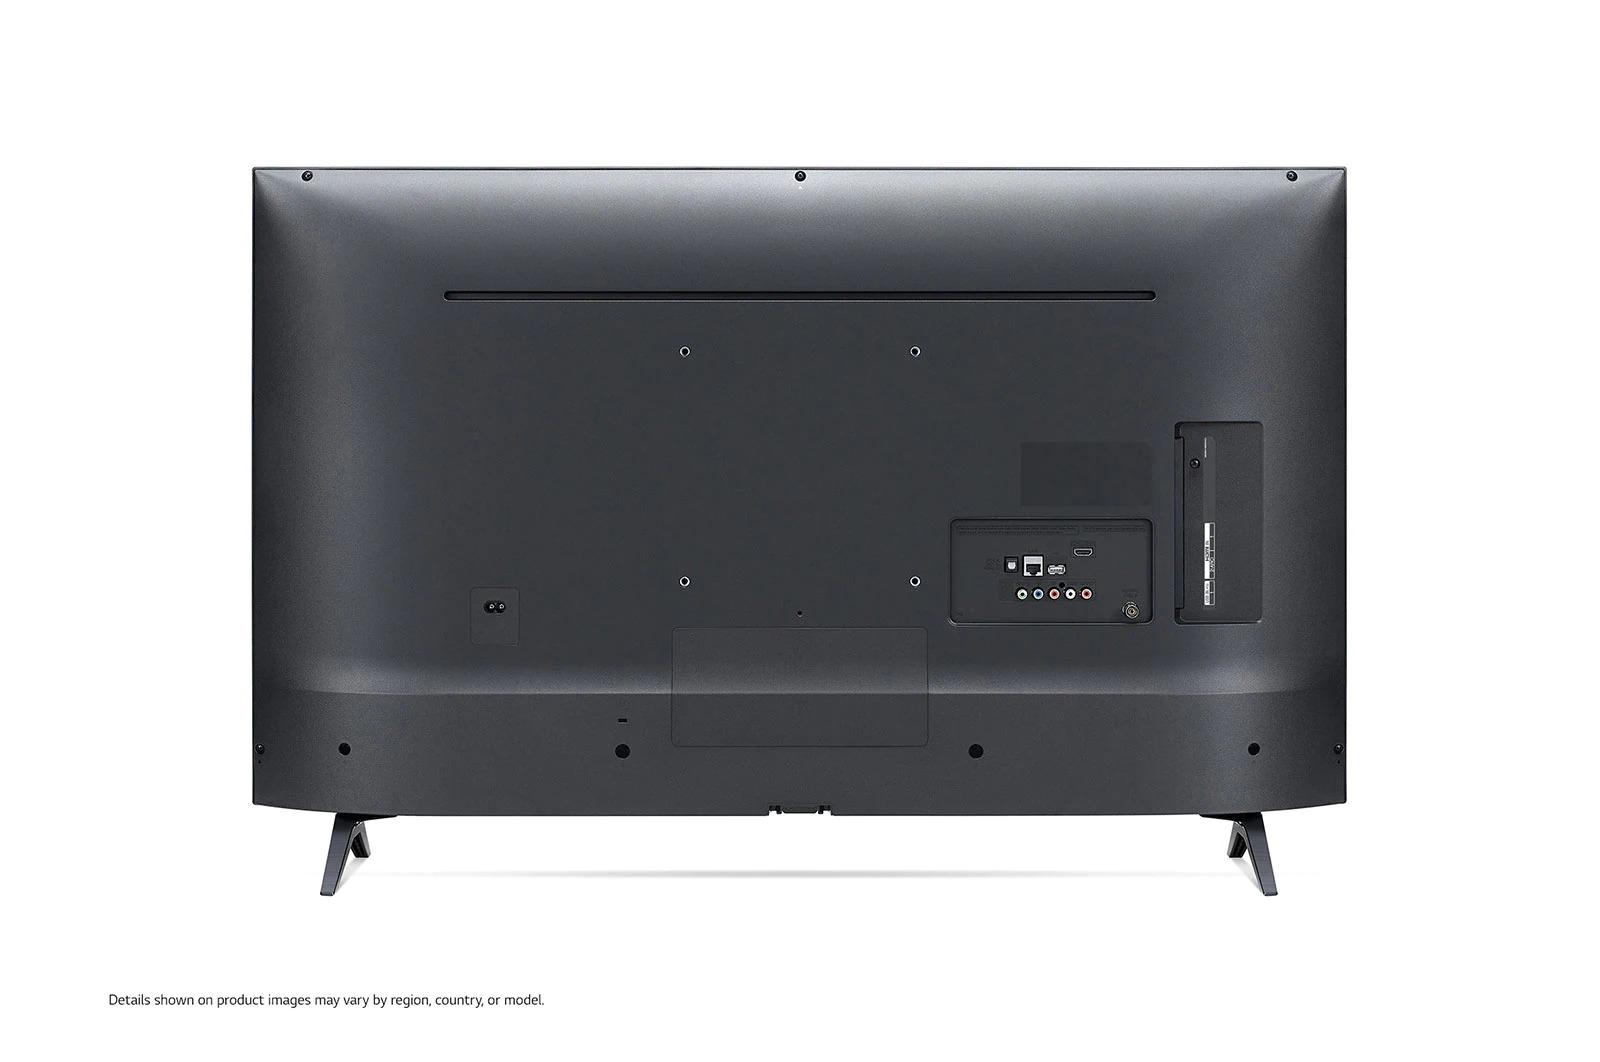 LG (43LM6360PTB) 43 (109cm) Full HD Smart TV